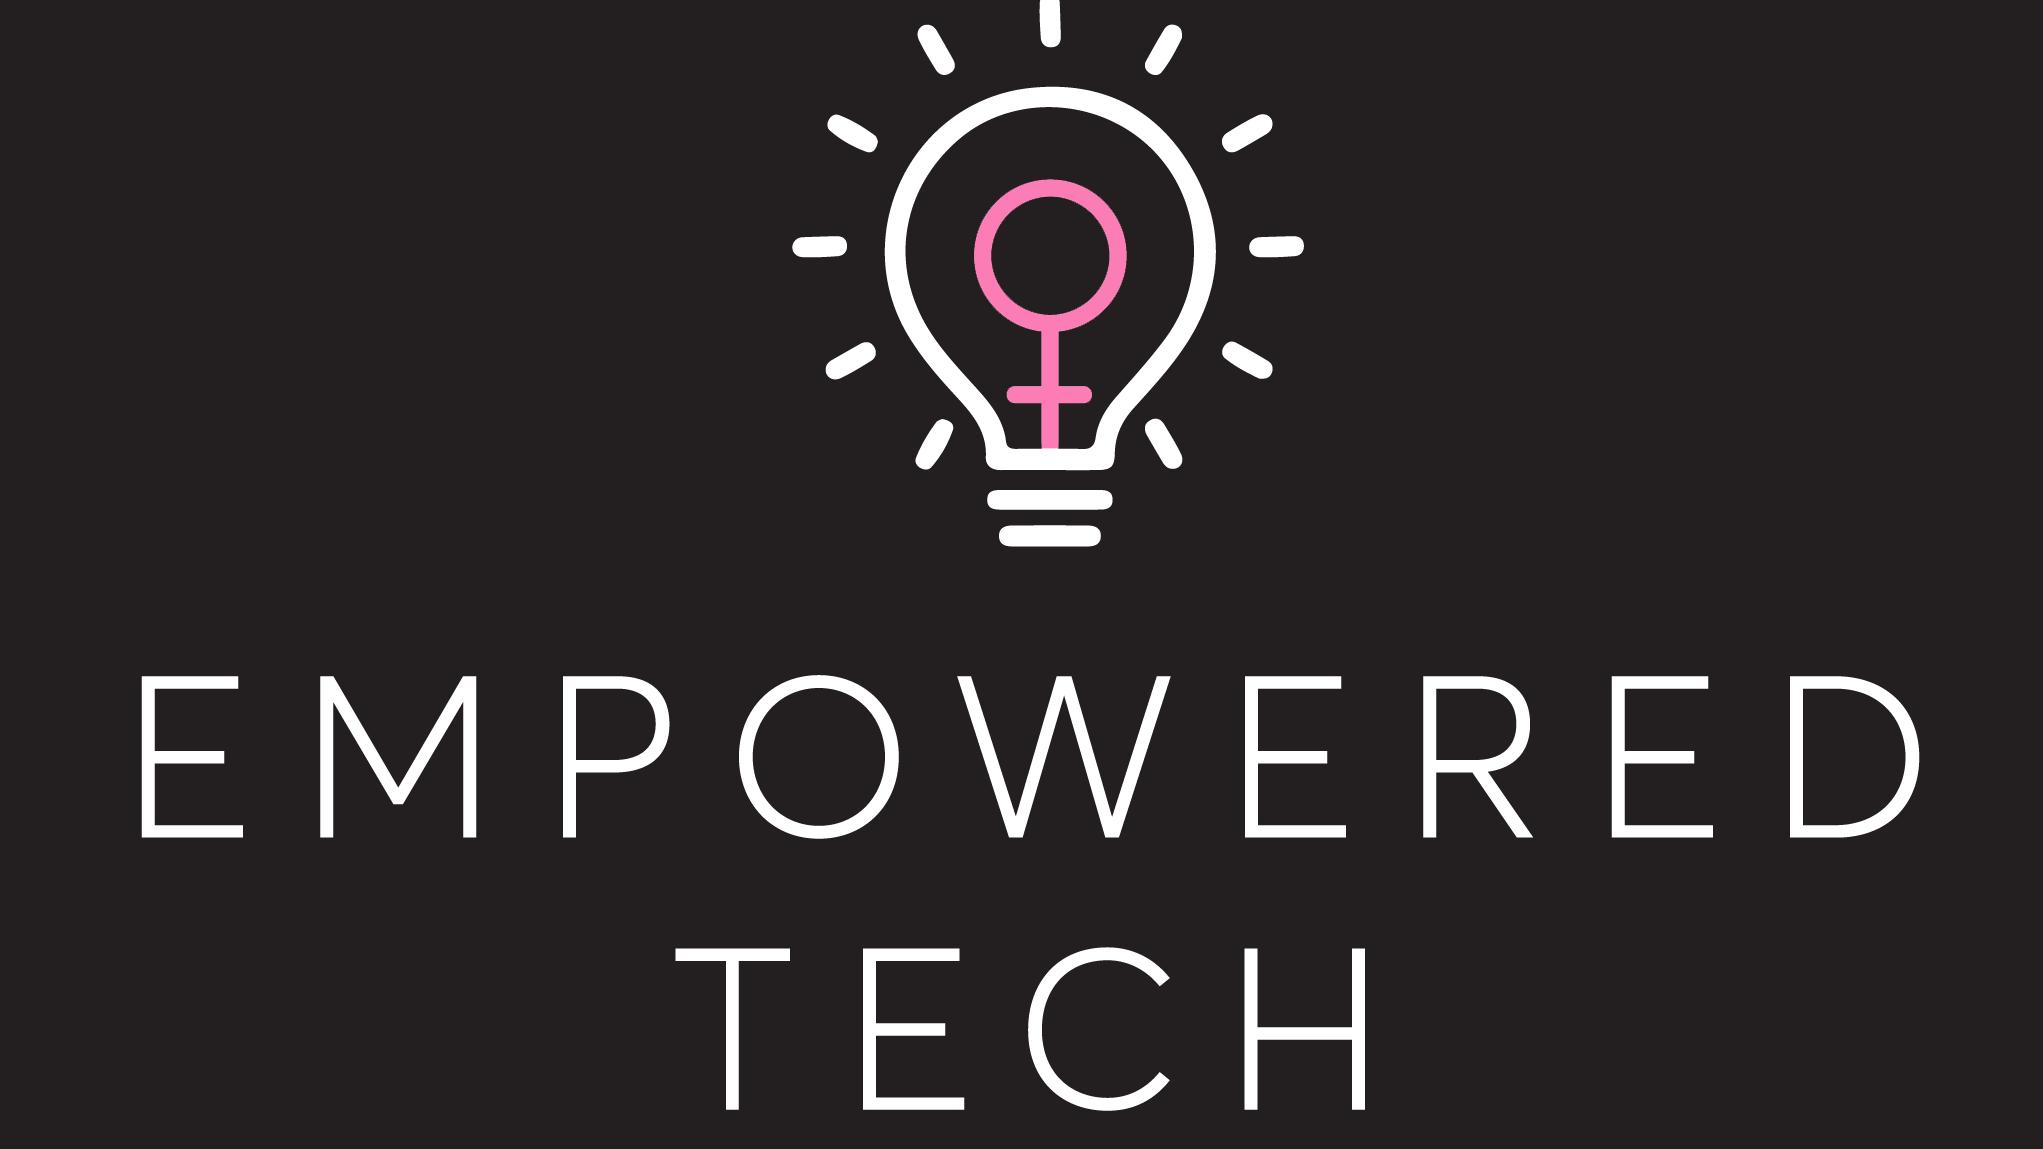 Empowered Tech (Inspiring Women for Success in Tech)